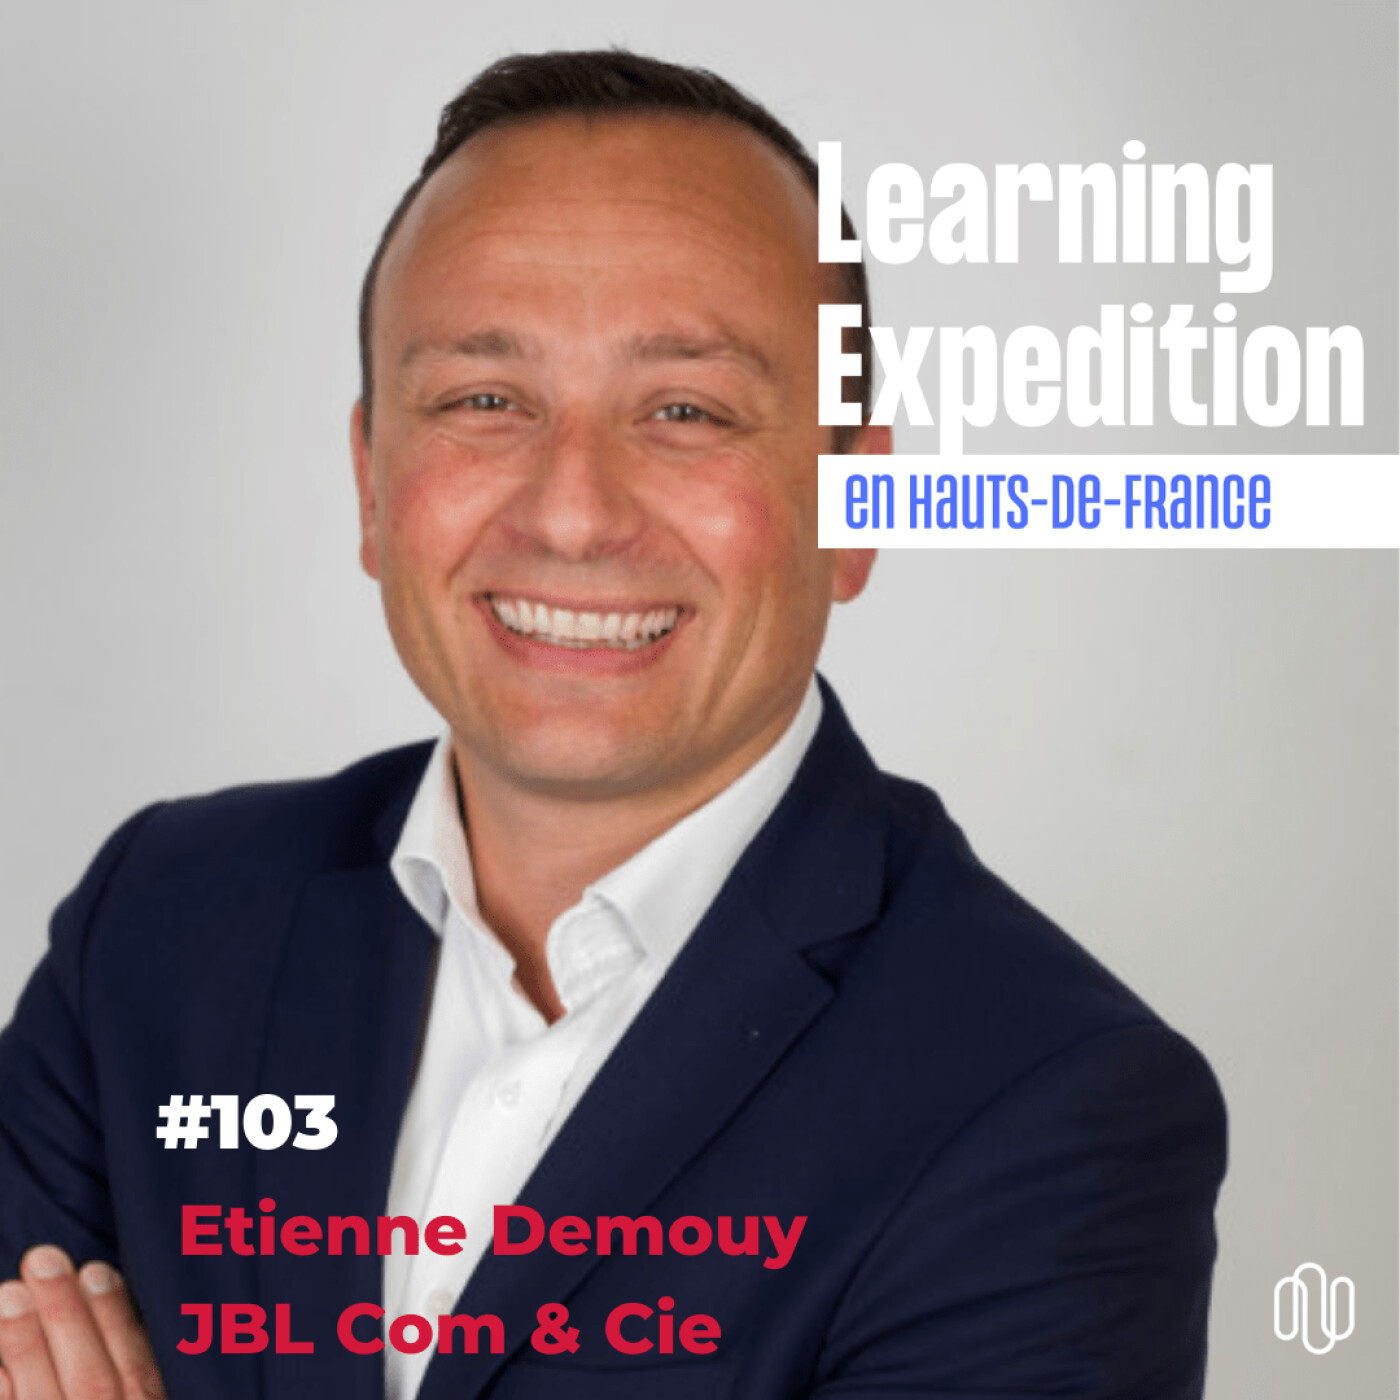 #103 - Etienne Demouy /// Euracom', un projet de pôle d'excellence dédié au secteur de la communication - JBL Com & Cie